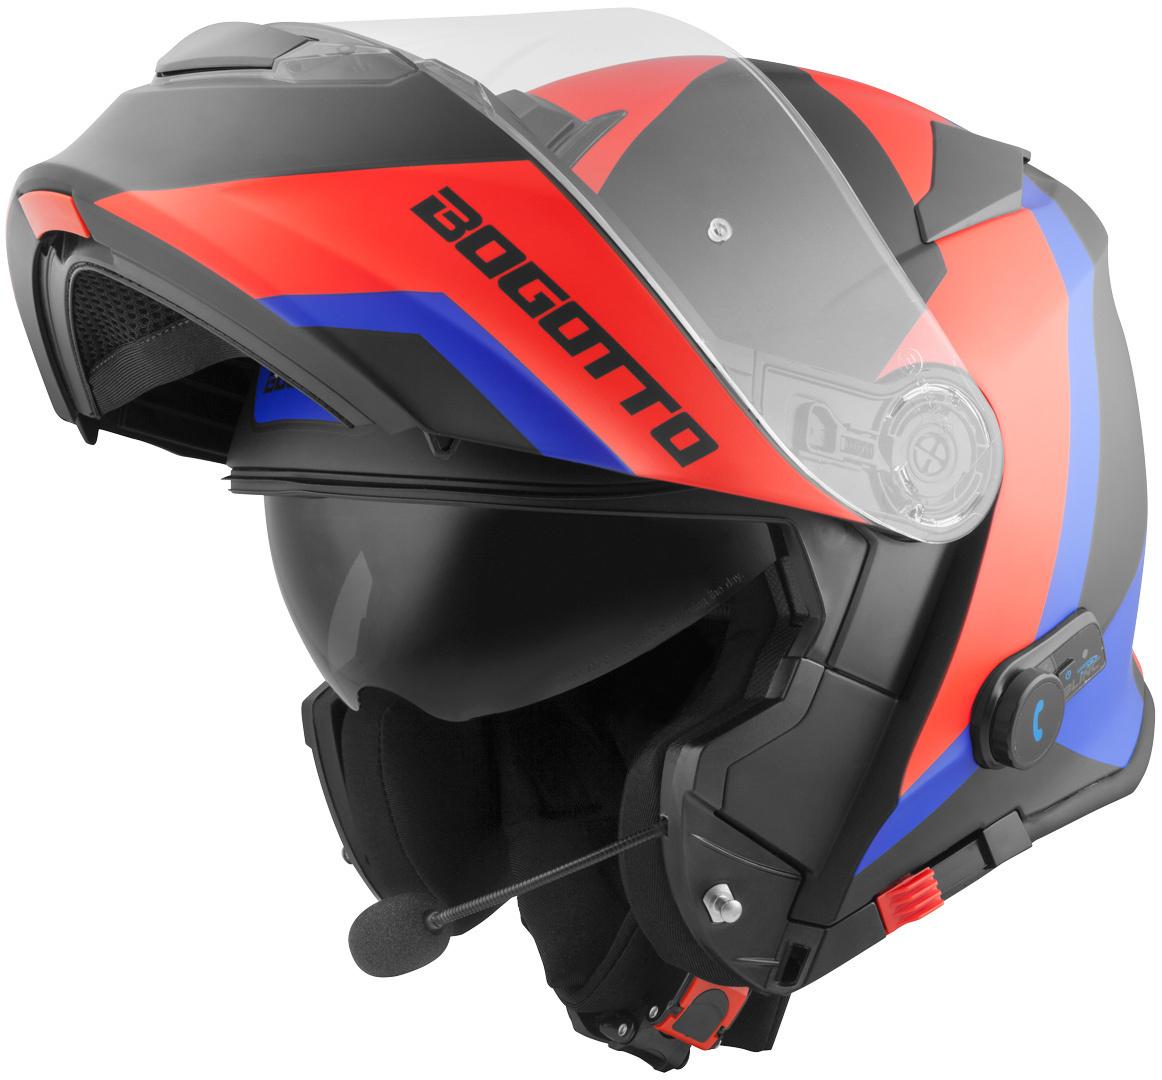 Bogotto V271 BT Zabu Bluetooth Klapphelm, schwarz-rot-blau, Größe XS, schwarz-rot-blau, Größe XS